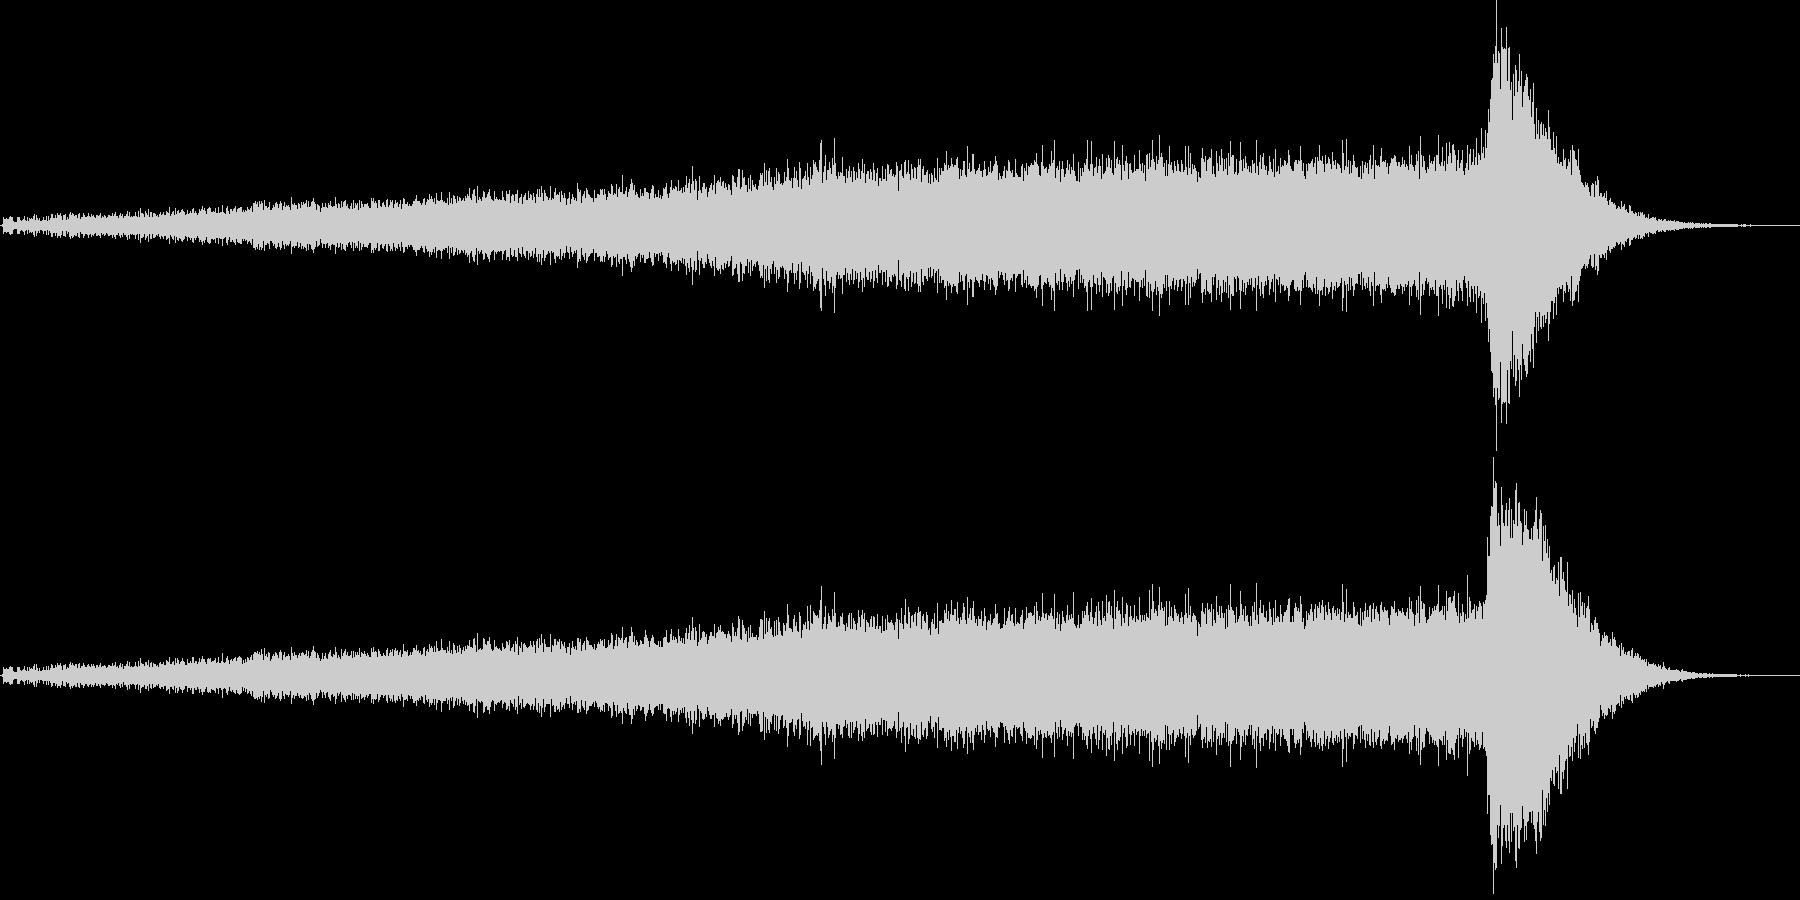 ワープ音(宇宙船、SFイメージ)1の未再生の波形